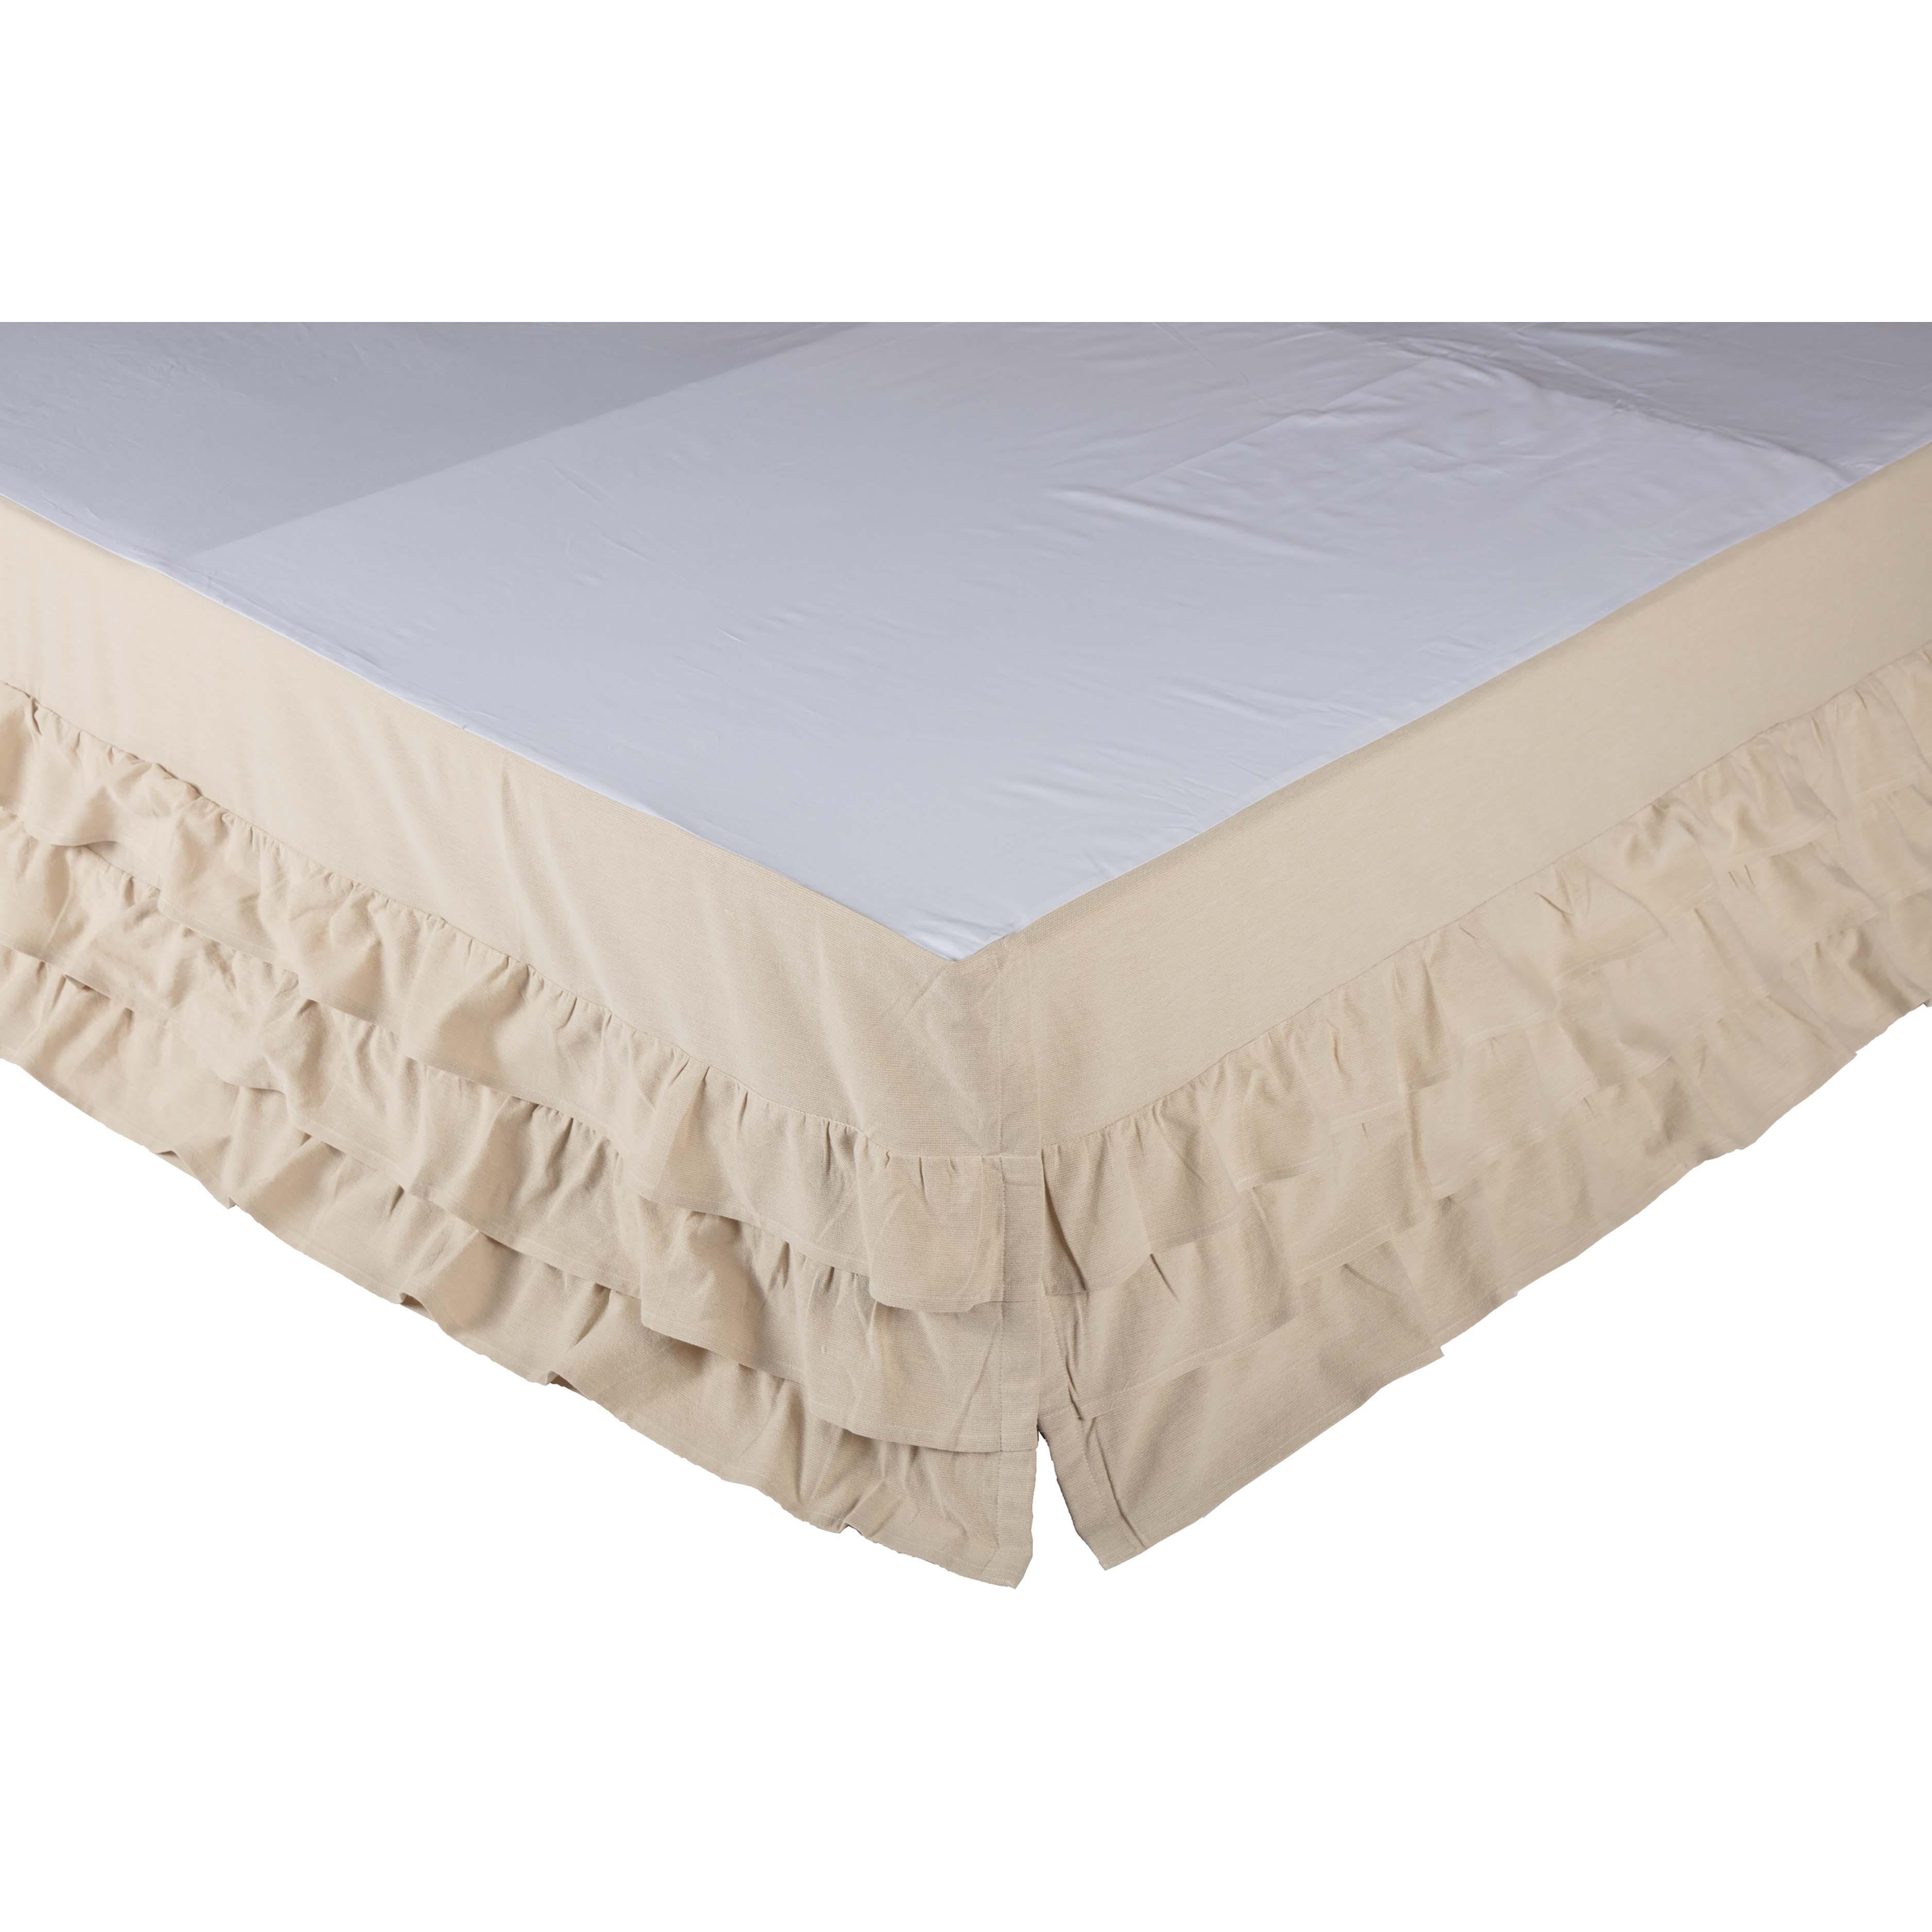 Ruffled Chambray Natural Bed Skirt